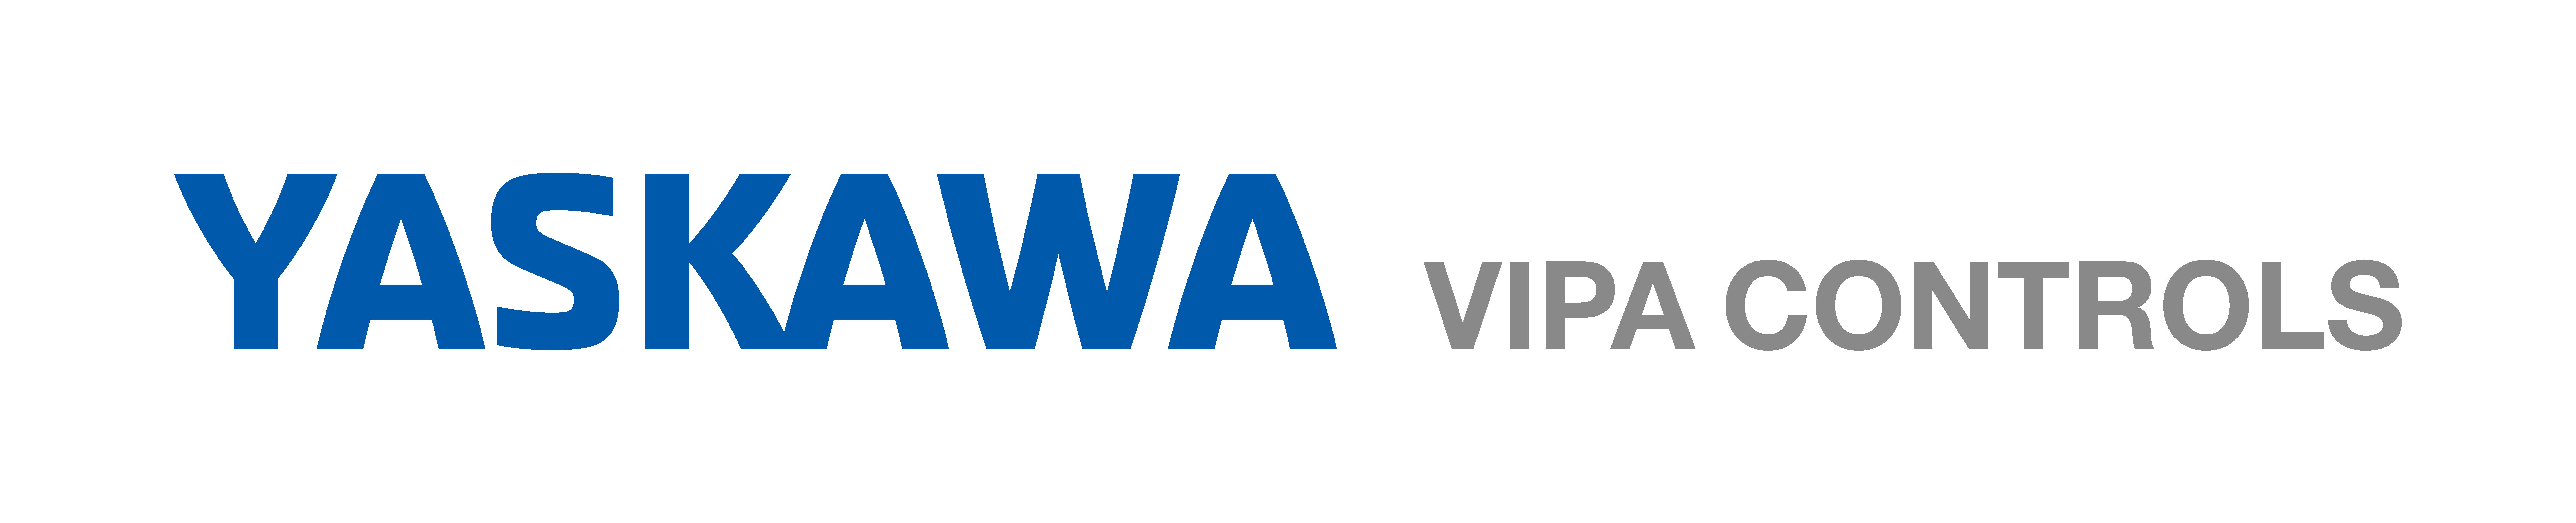 YASKAWA_VIPA_Division_Logo_blue